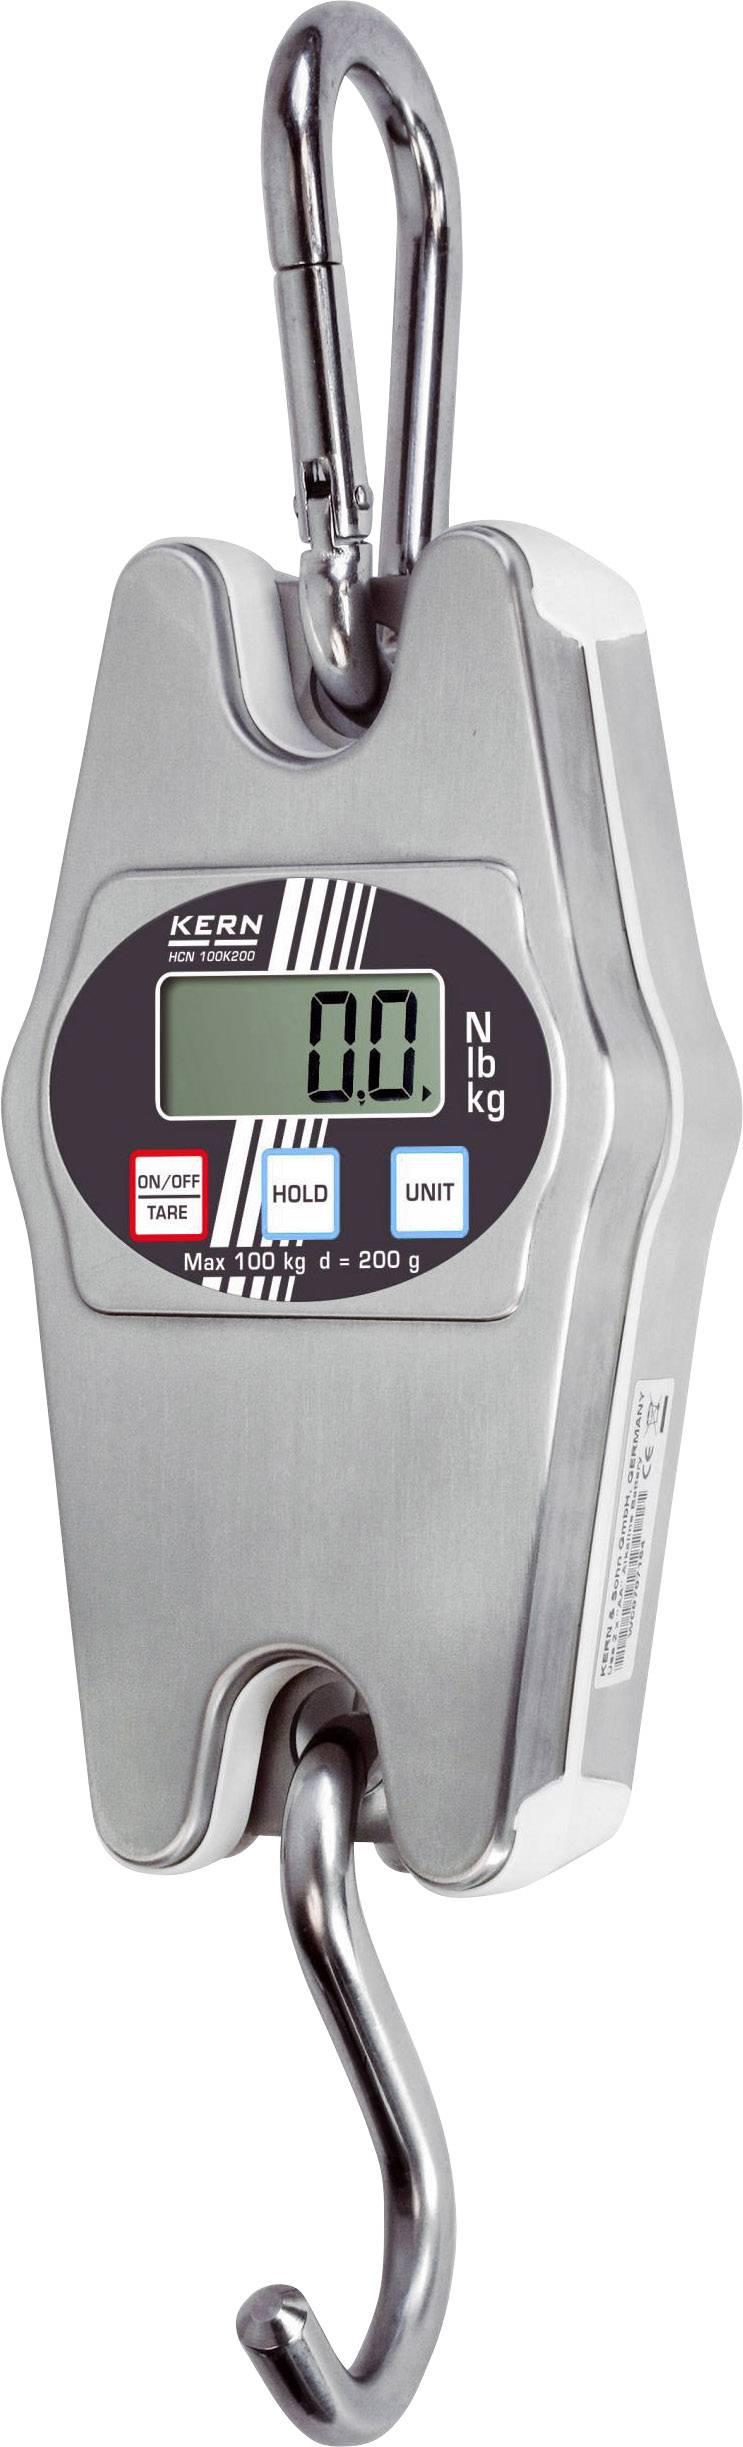 Závěsná váha Kern Max. váživost 100 kg Rozlišení 200 g